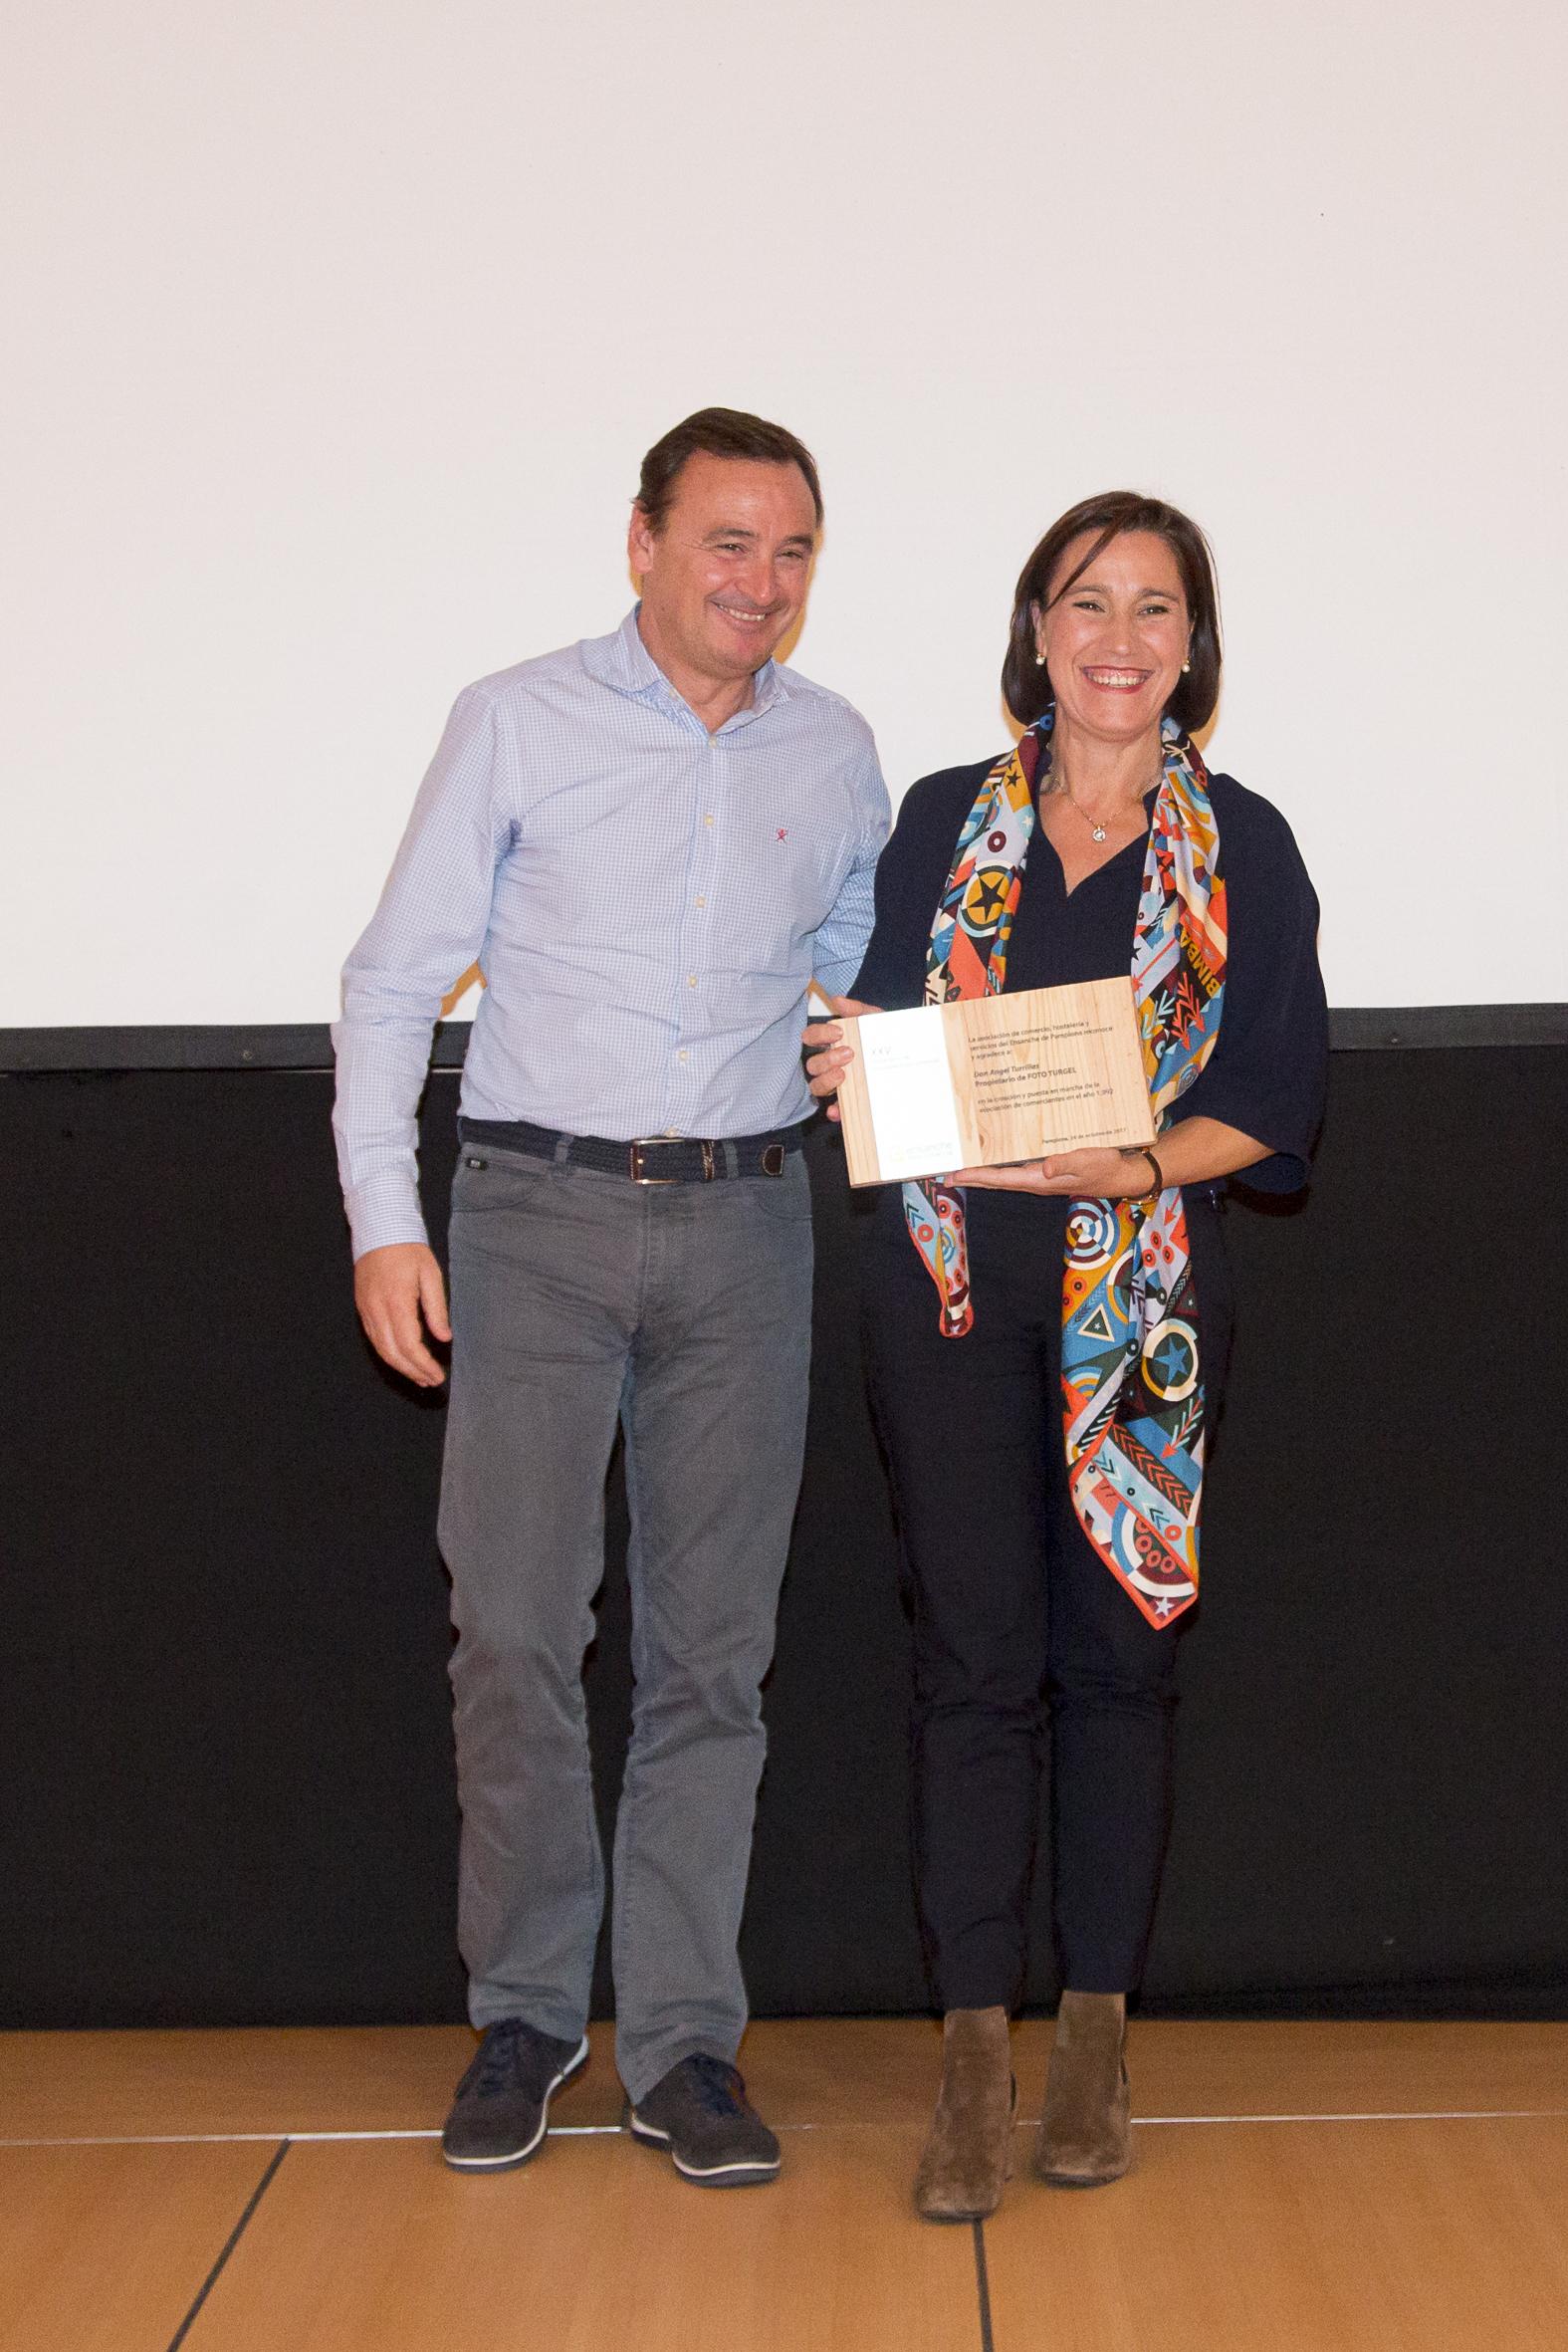 Laura Turrillas, hija de Ángel Turrillas, ya fallecido recoge el reconocimiento de manos de Celso Clariana, presidente de la asociación de 2007 a 2011.